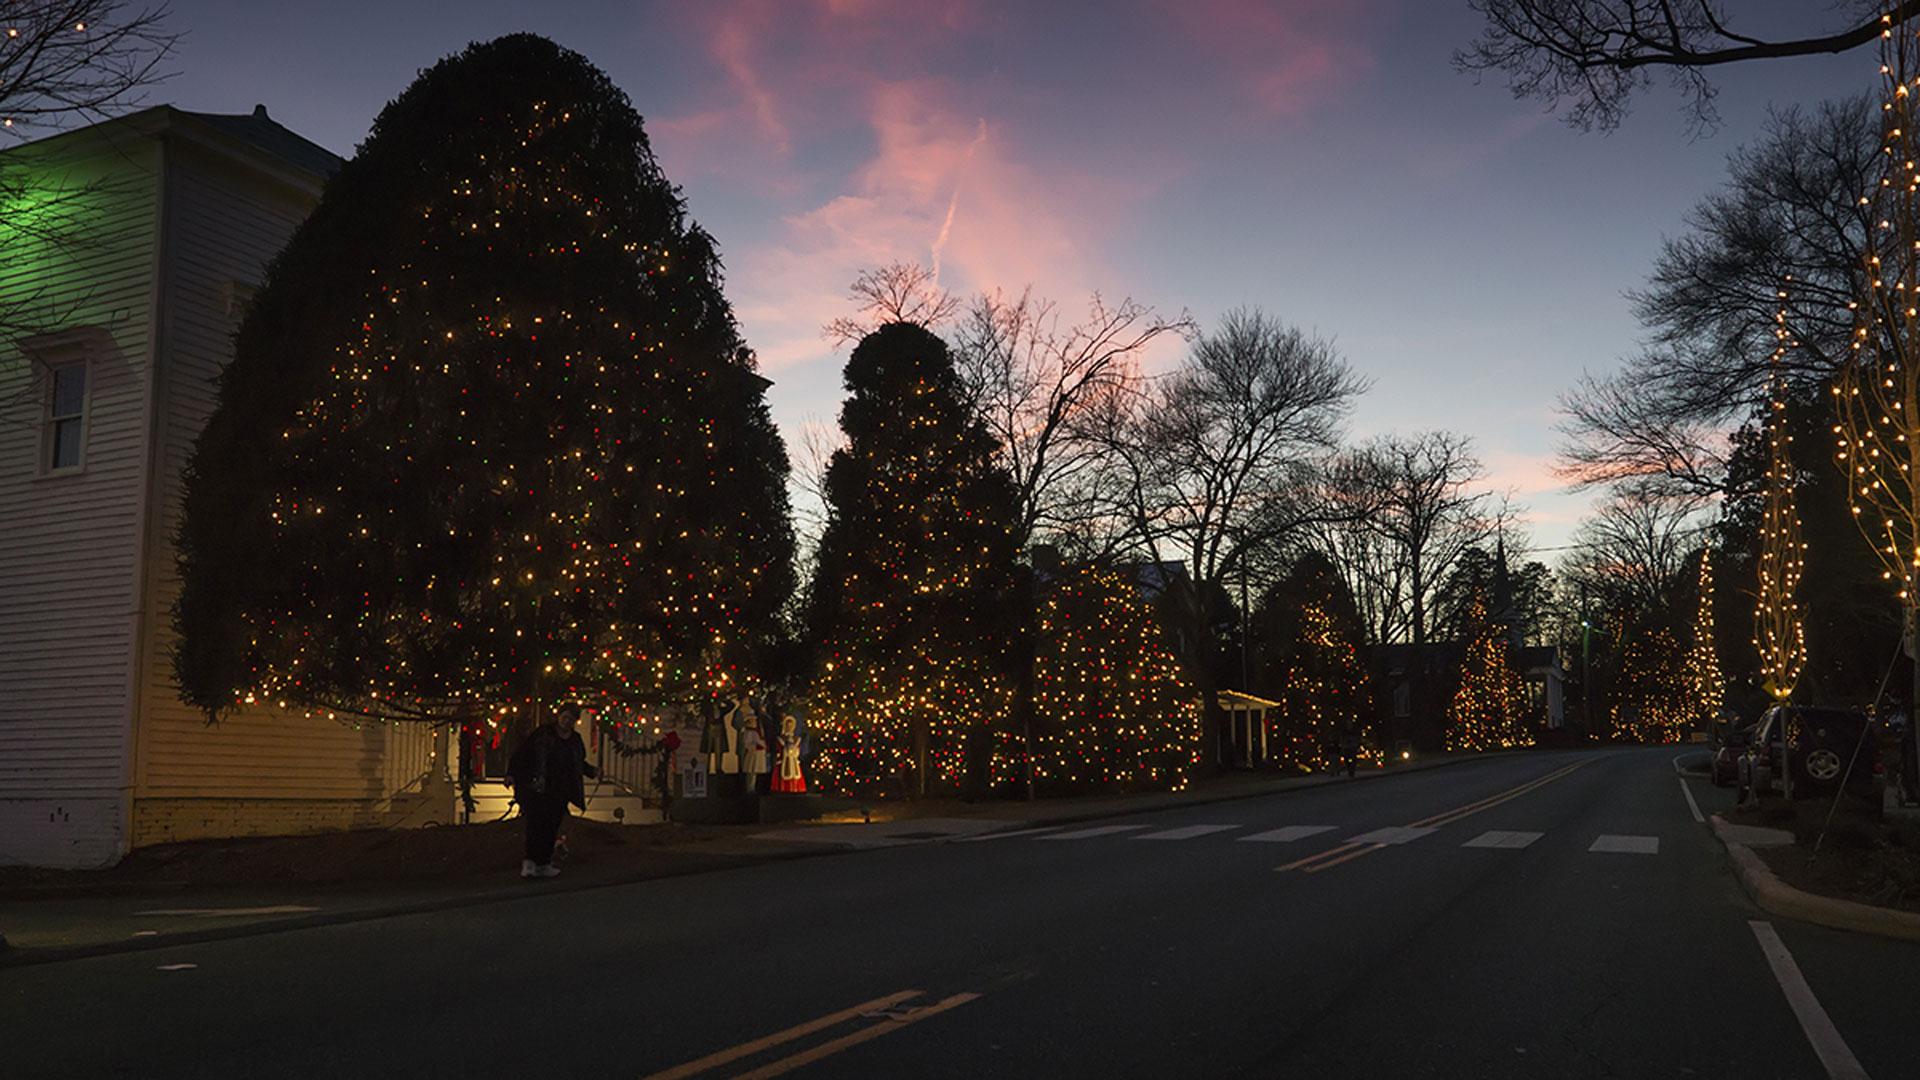 Christmas lights in McAdenville, North Carolina 295478475-159532